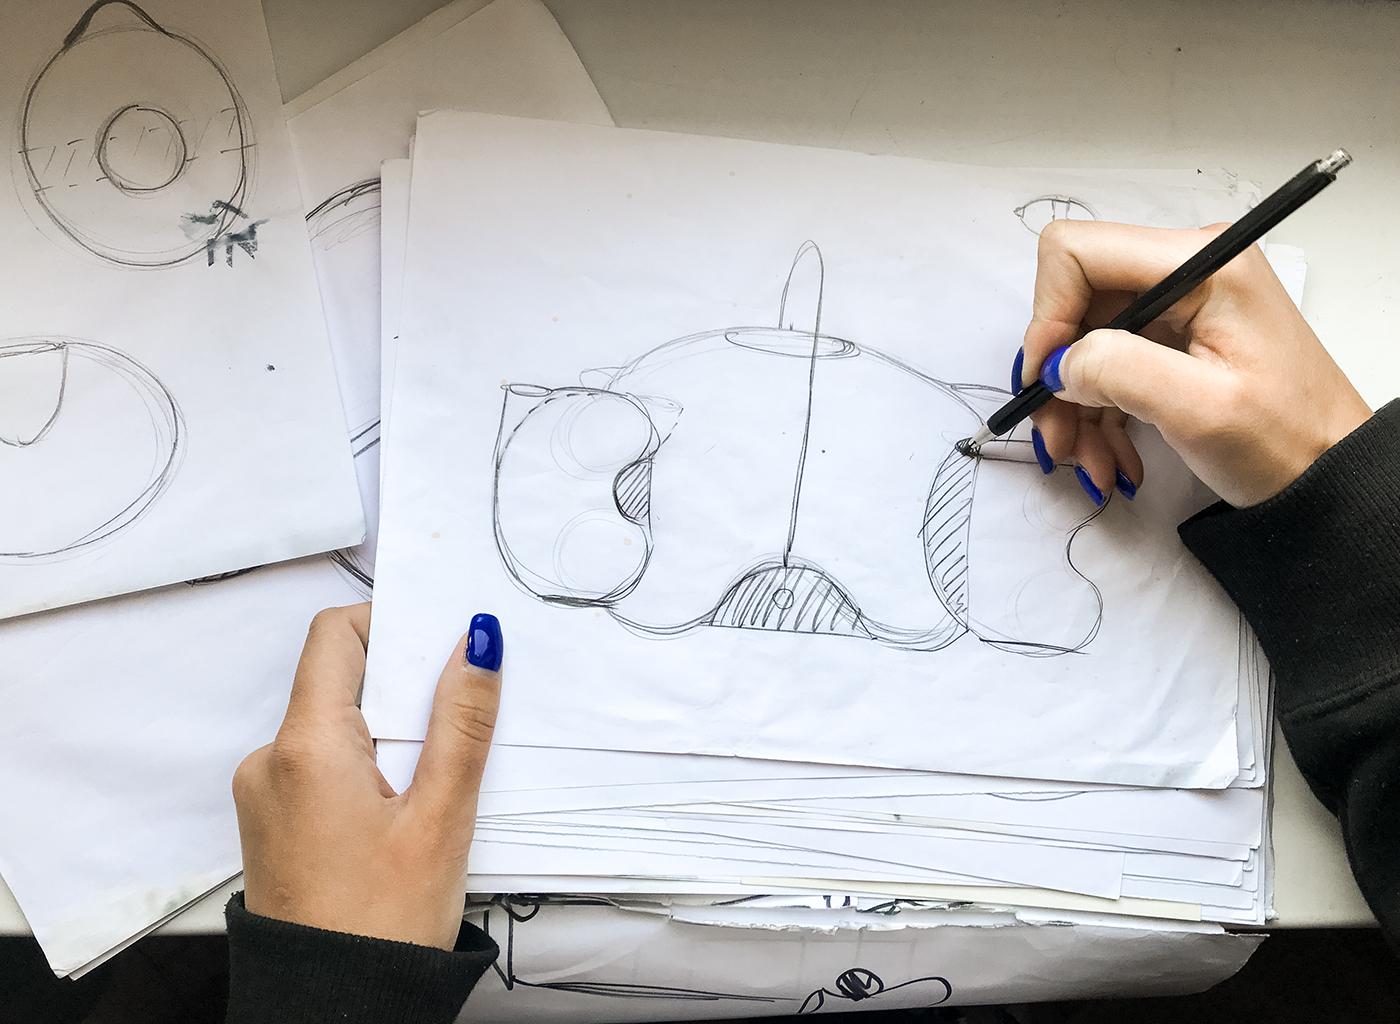 产品设计留学,皇家艺术学院留学,皇家艺术学院产品设计留学